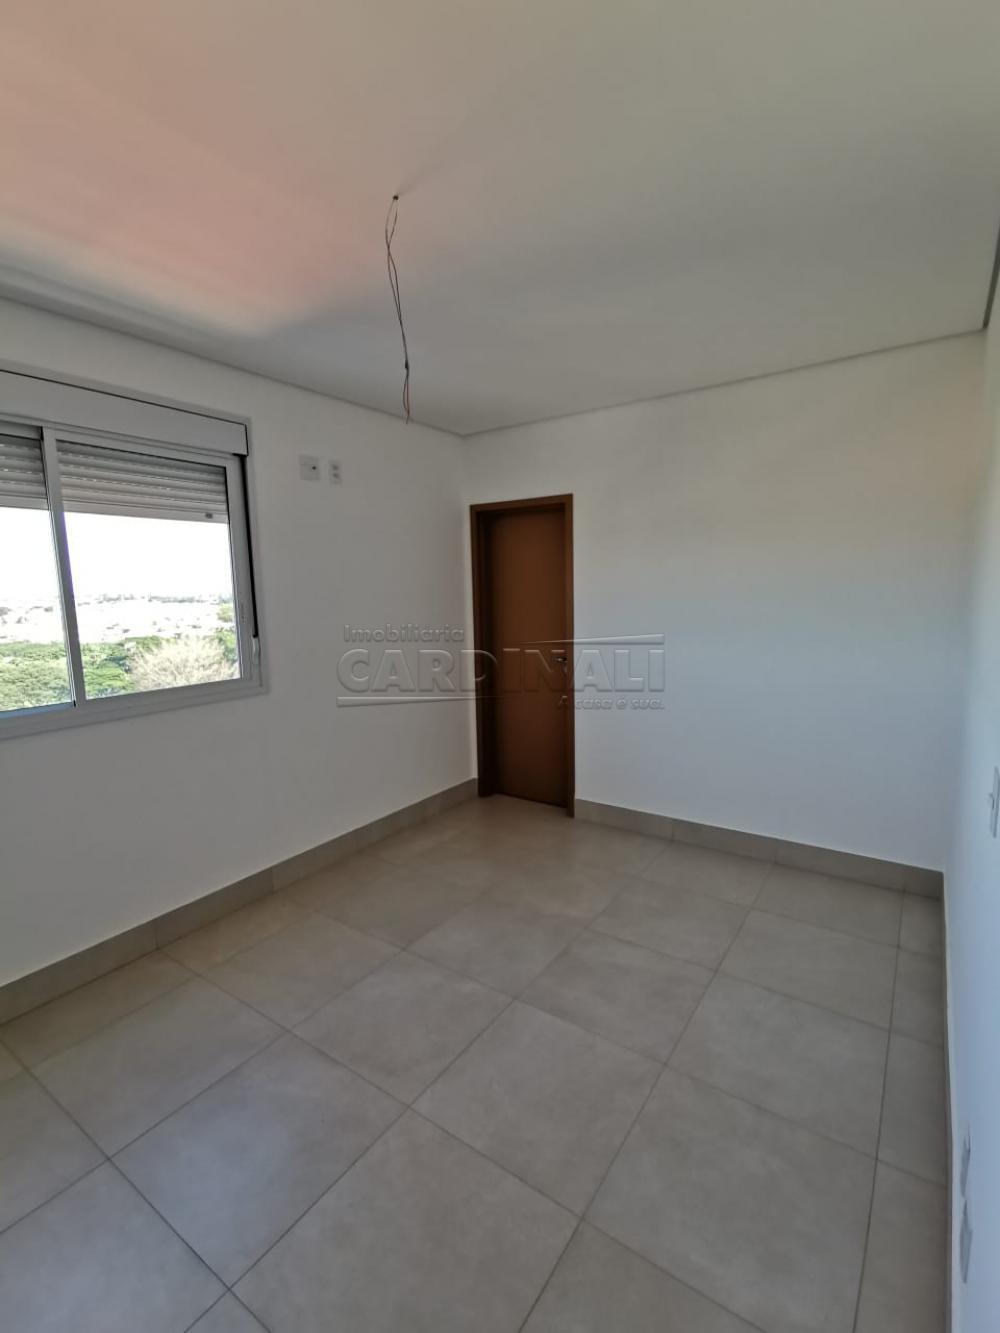 Alugar Apartamento / Padrão em Araraquara R$ 2.800,00 - Foto 13